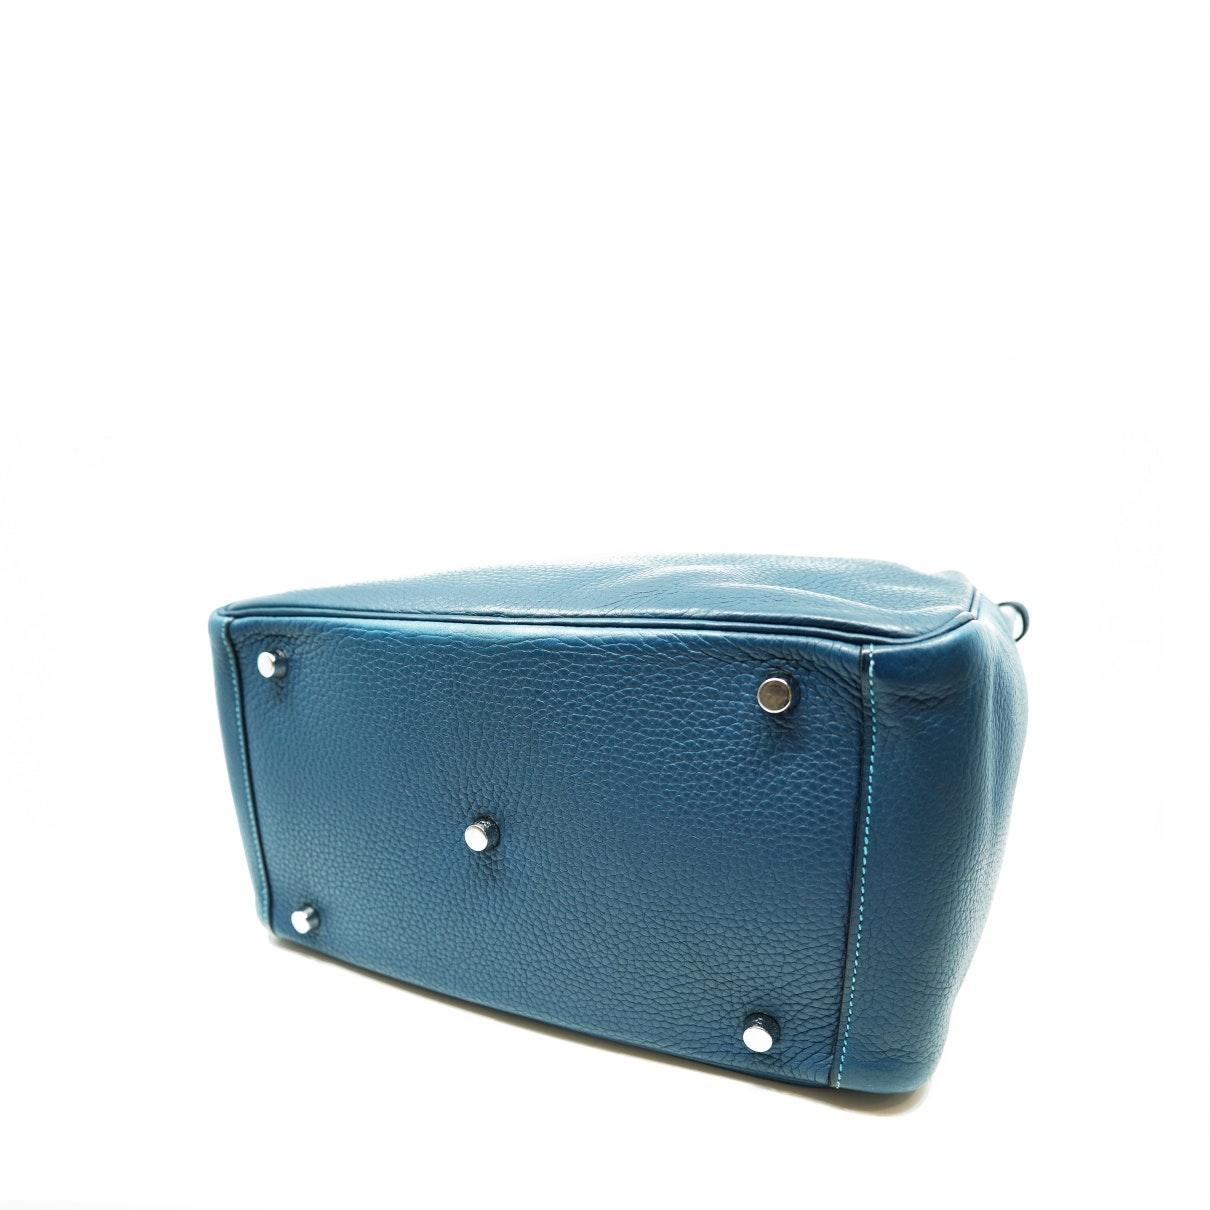 Sac à main Lindy en Cuir Bleu Cuir Hermès en coloris Bleu 7Id8